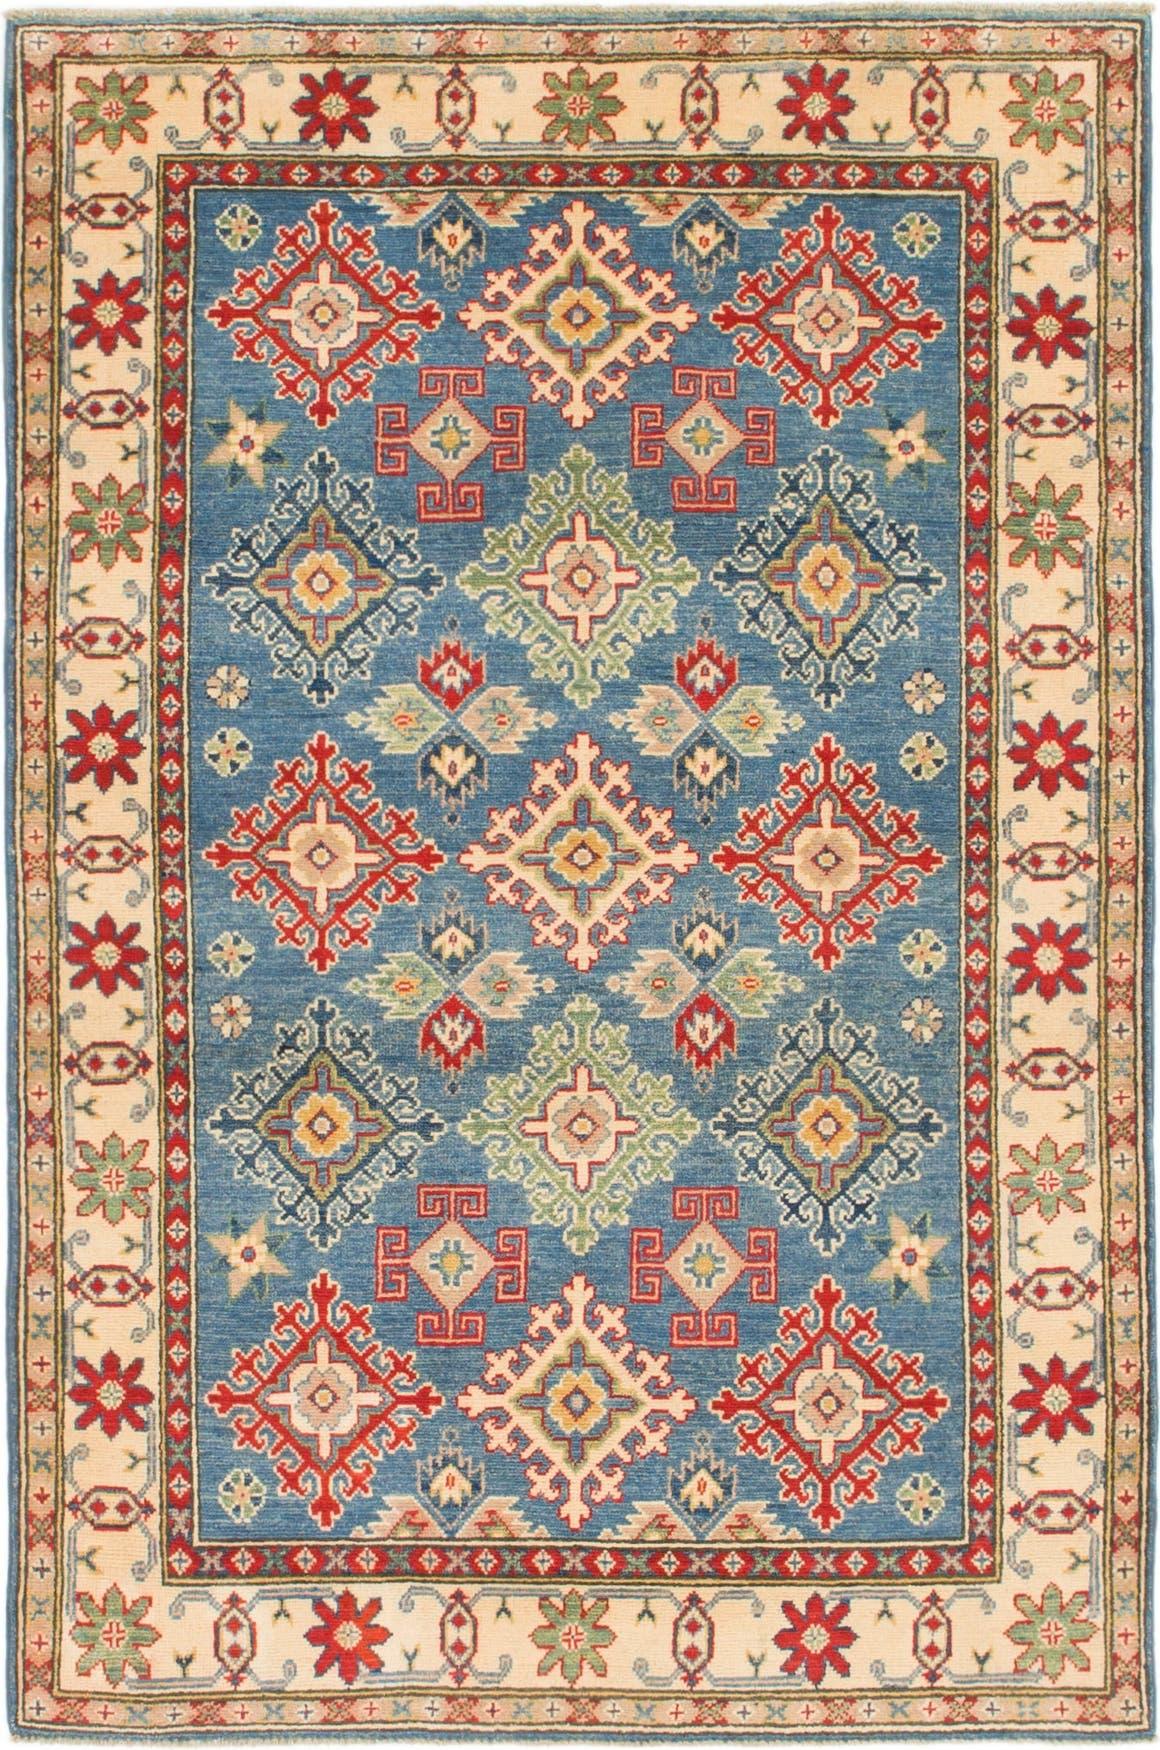 4' x 6' Kazak Rug main image